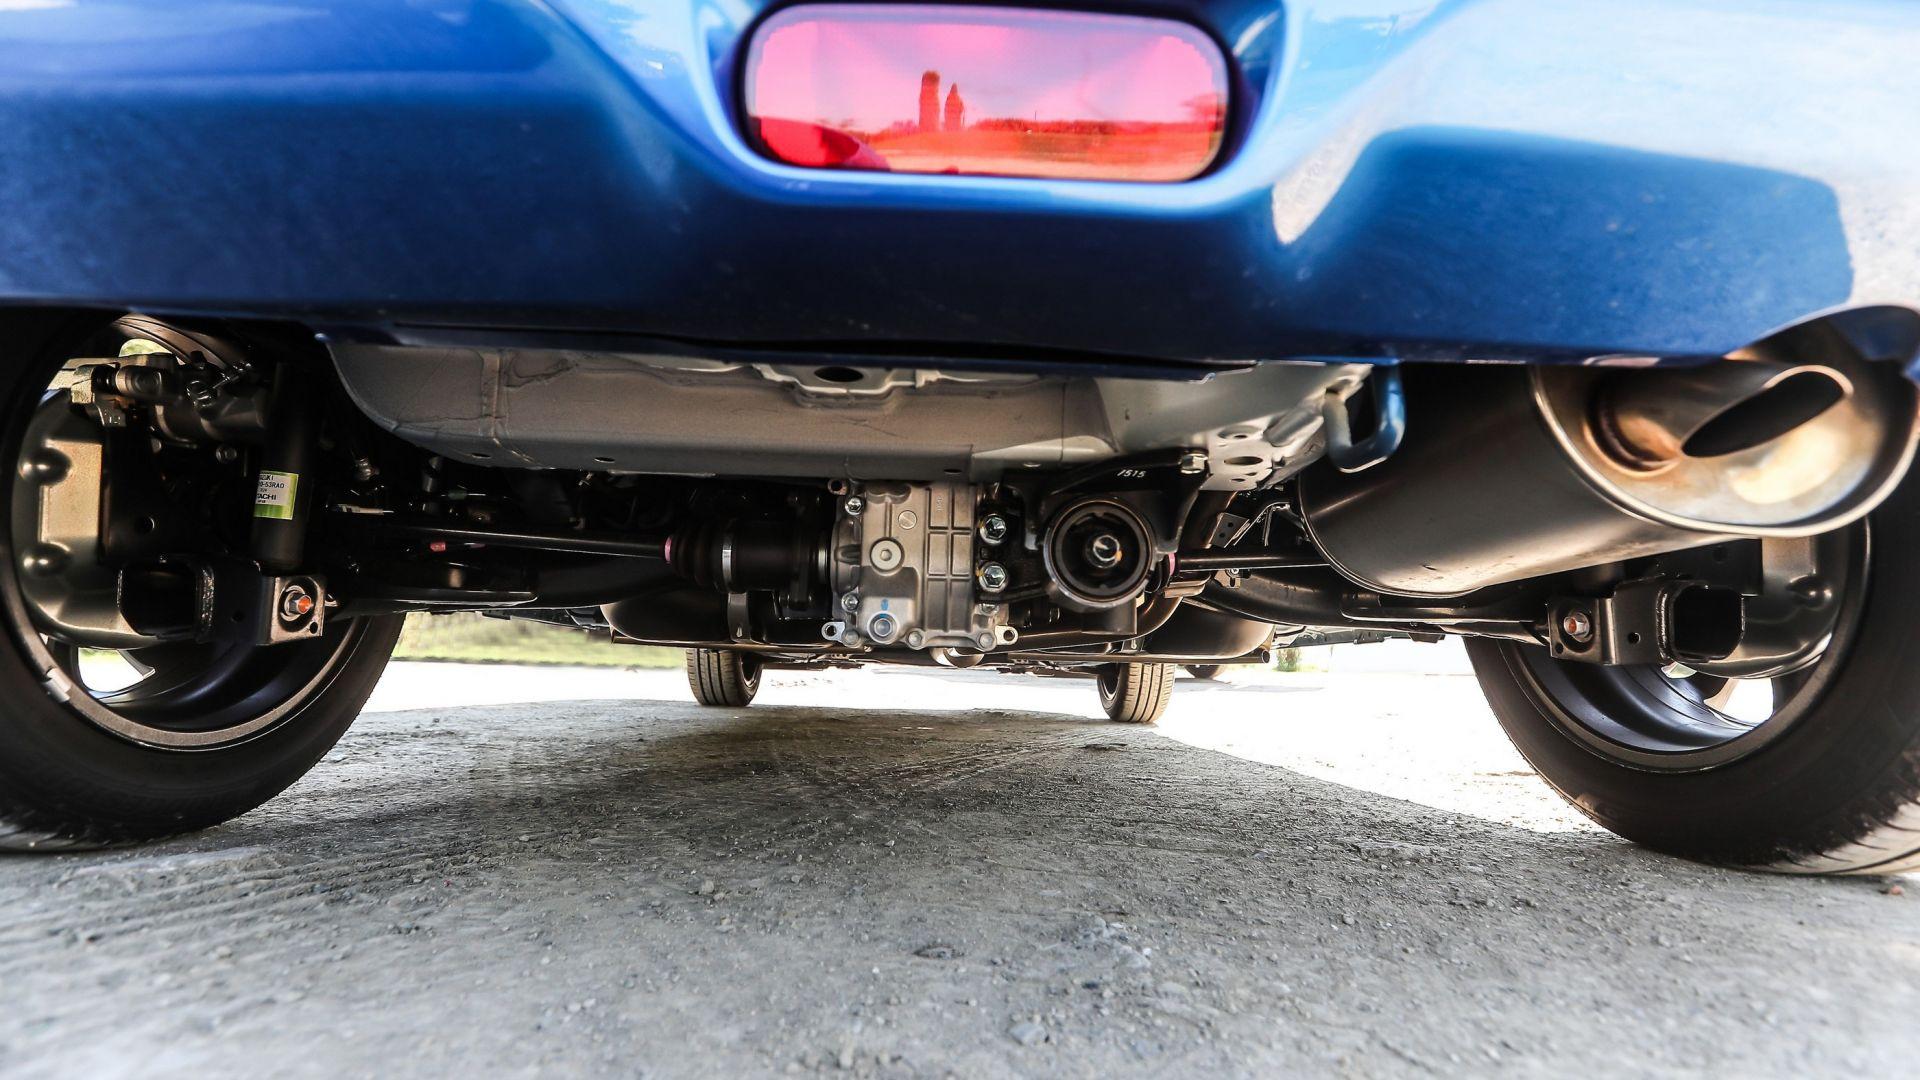 Suzuki swift nuova ibrida 4x4 allgrip prova opinioni e for Prezzo del pacchetto di 2 box auto